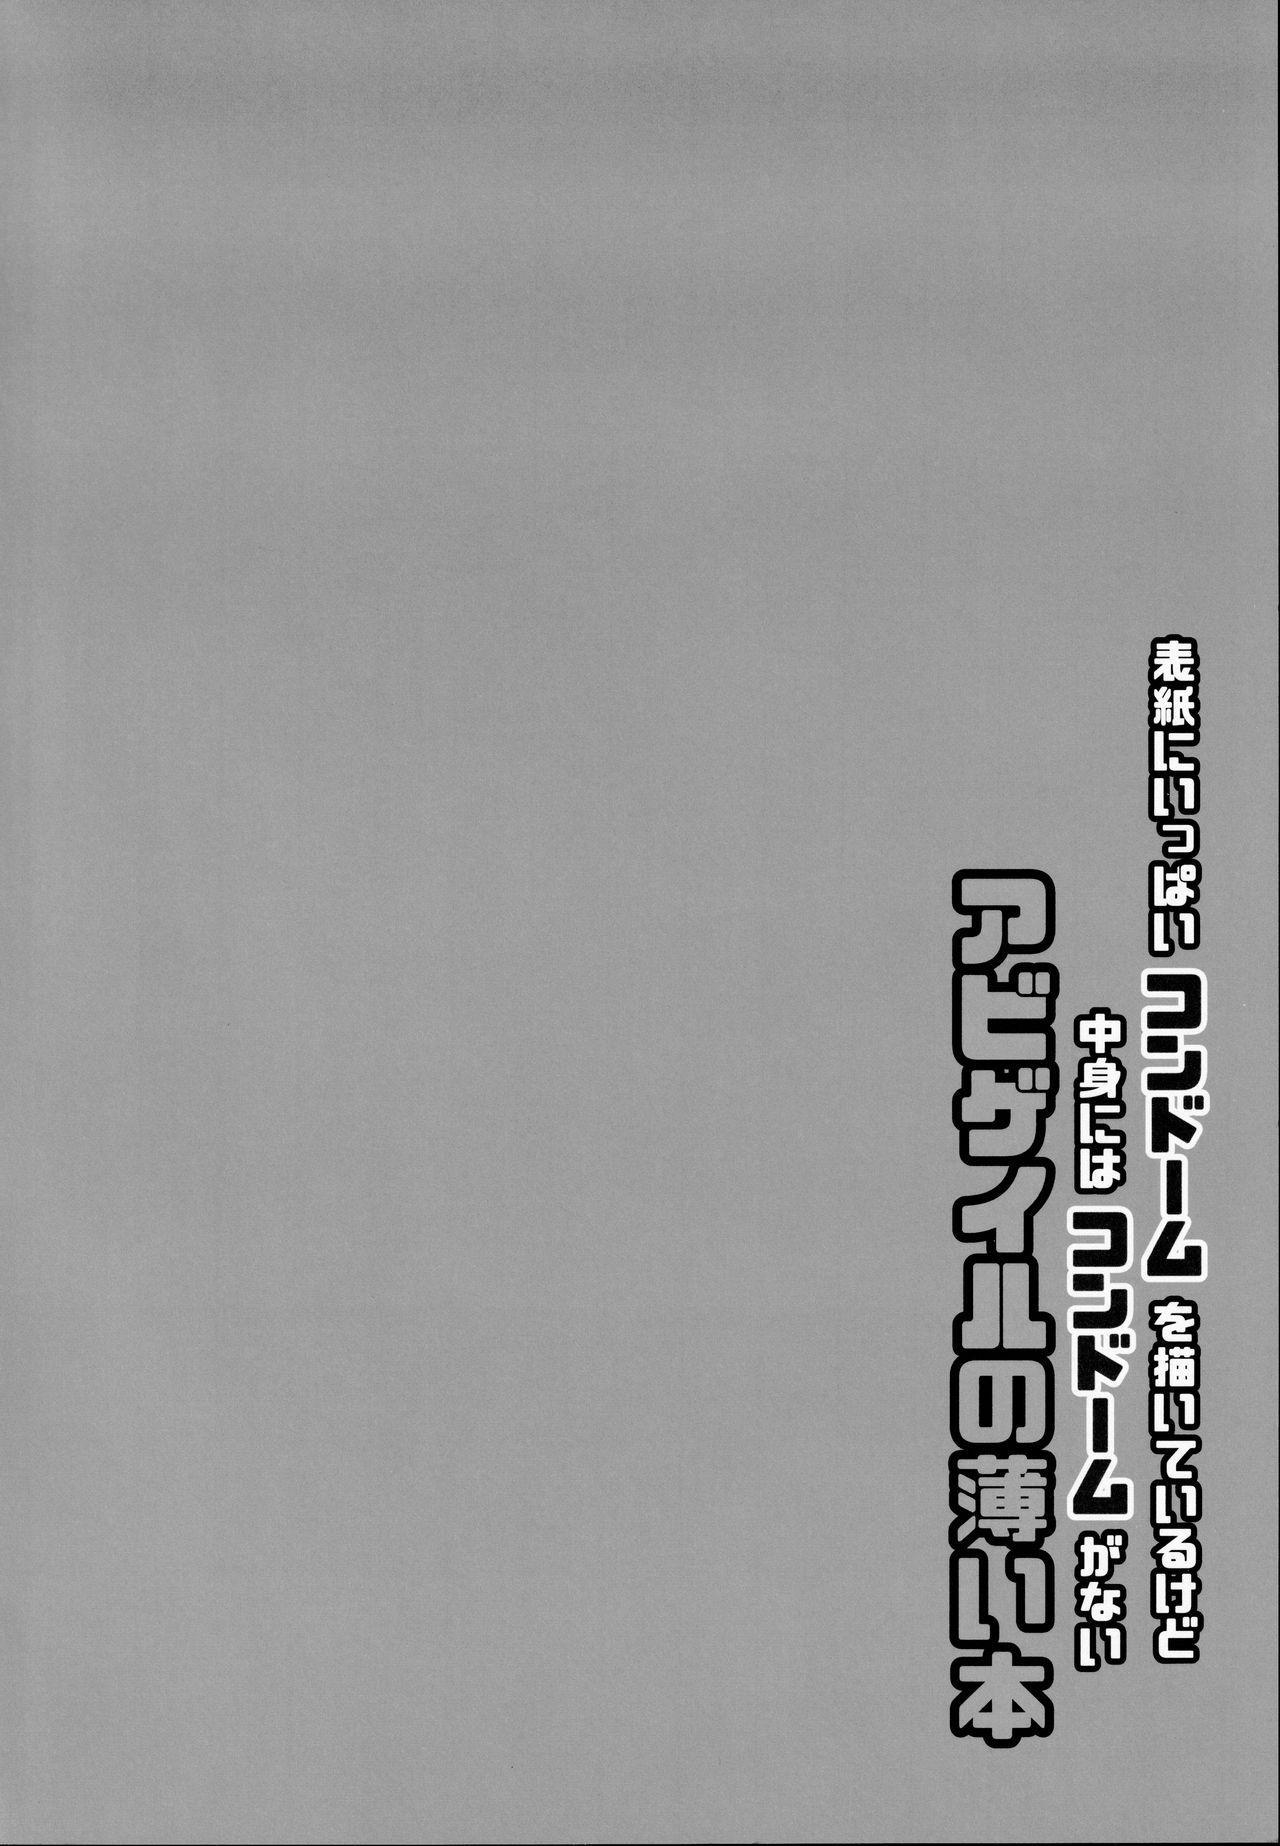 Hyoushi ni Ippai Condom o Kaiteiru kedo Nakami ni wa Condom ga Nai Abigail no Usui Hon 2